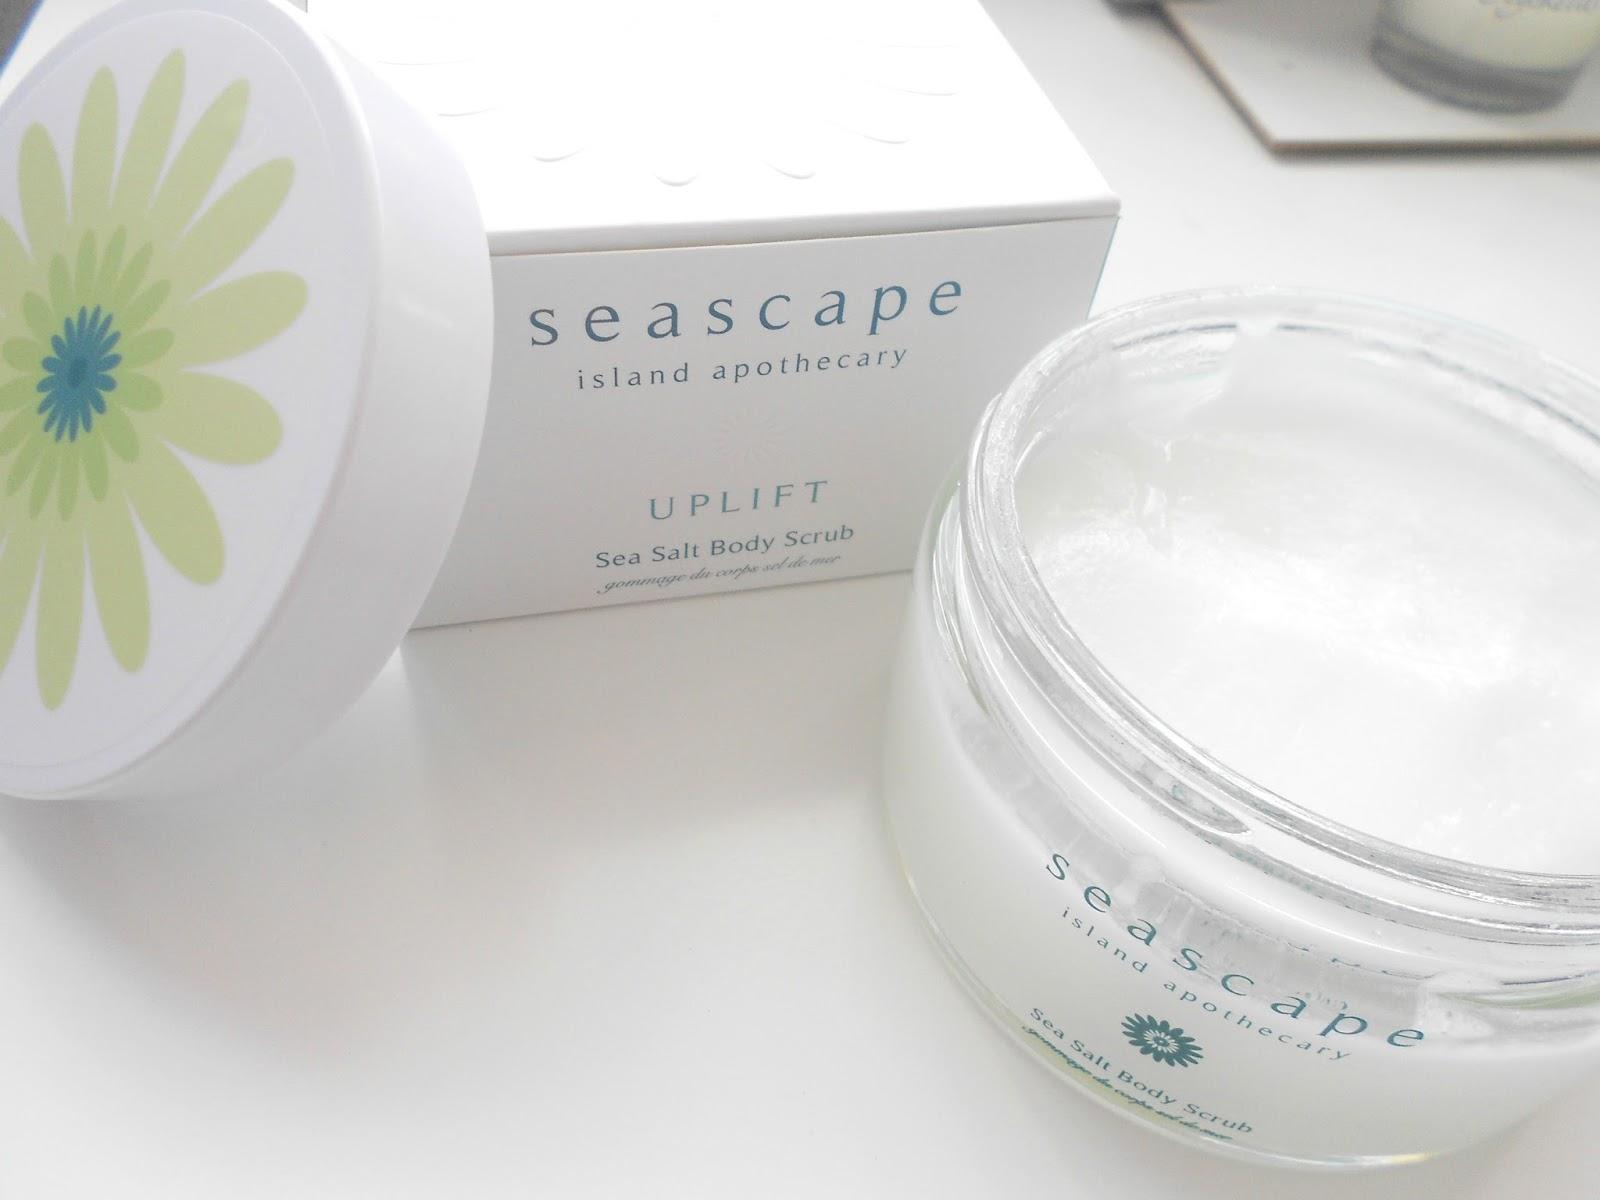 seascape seasalt body scrub review